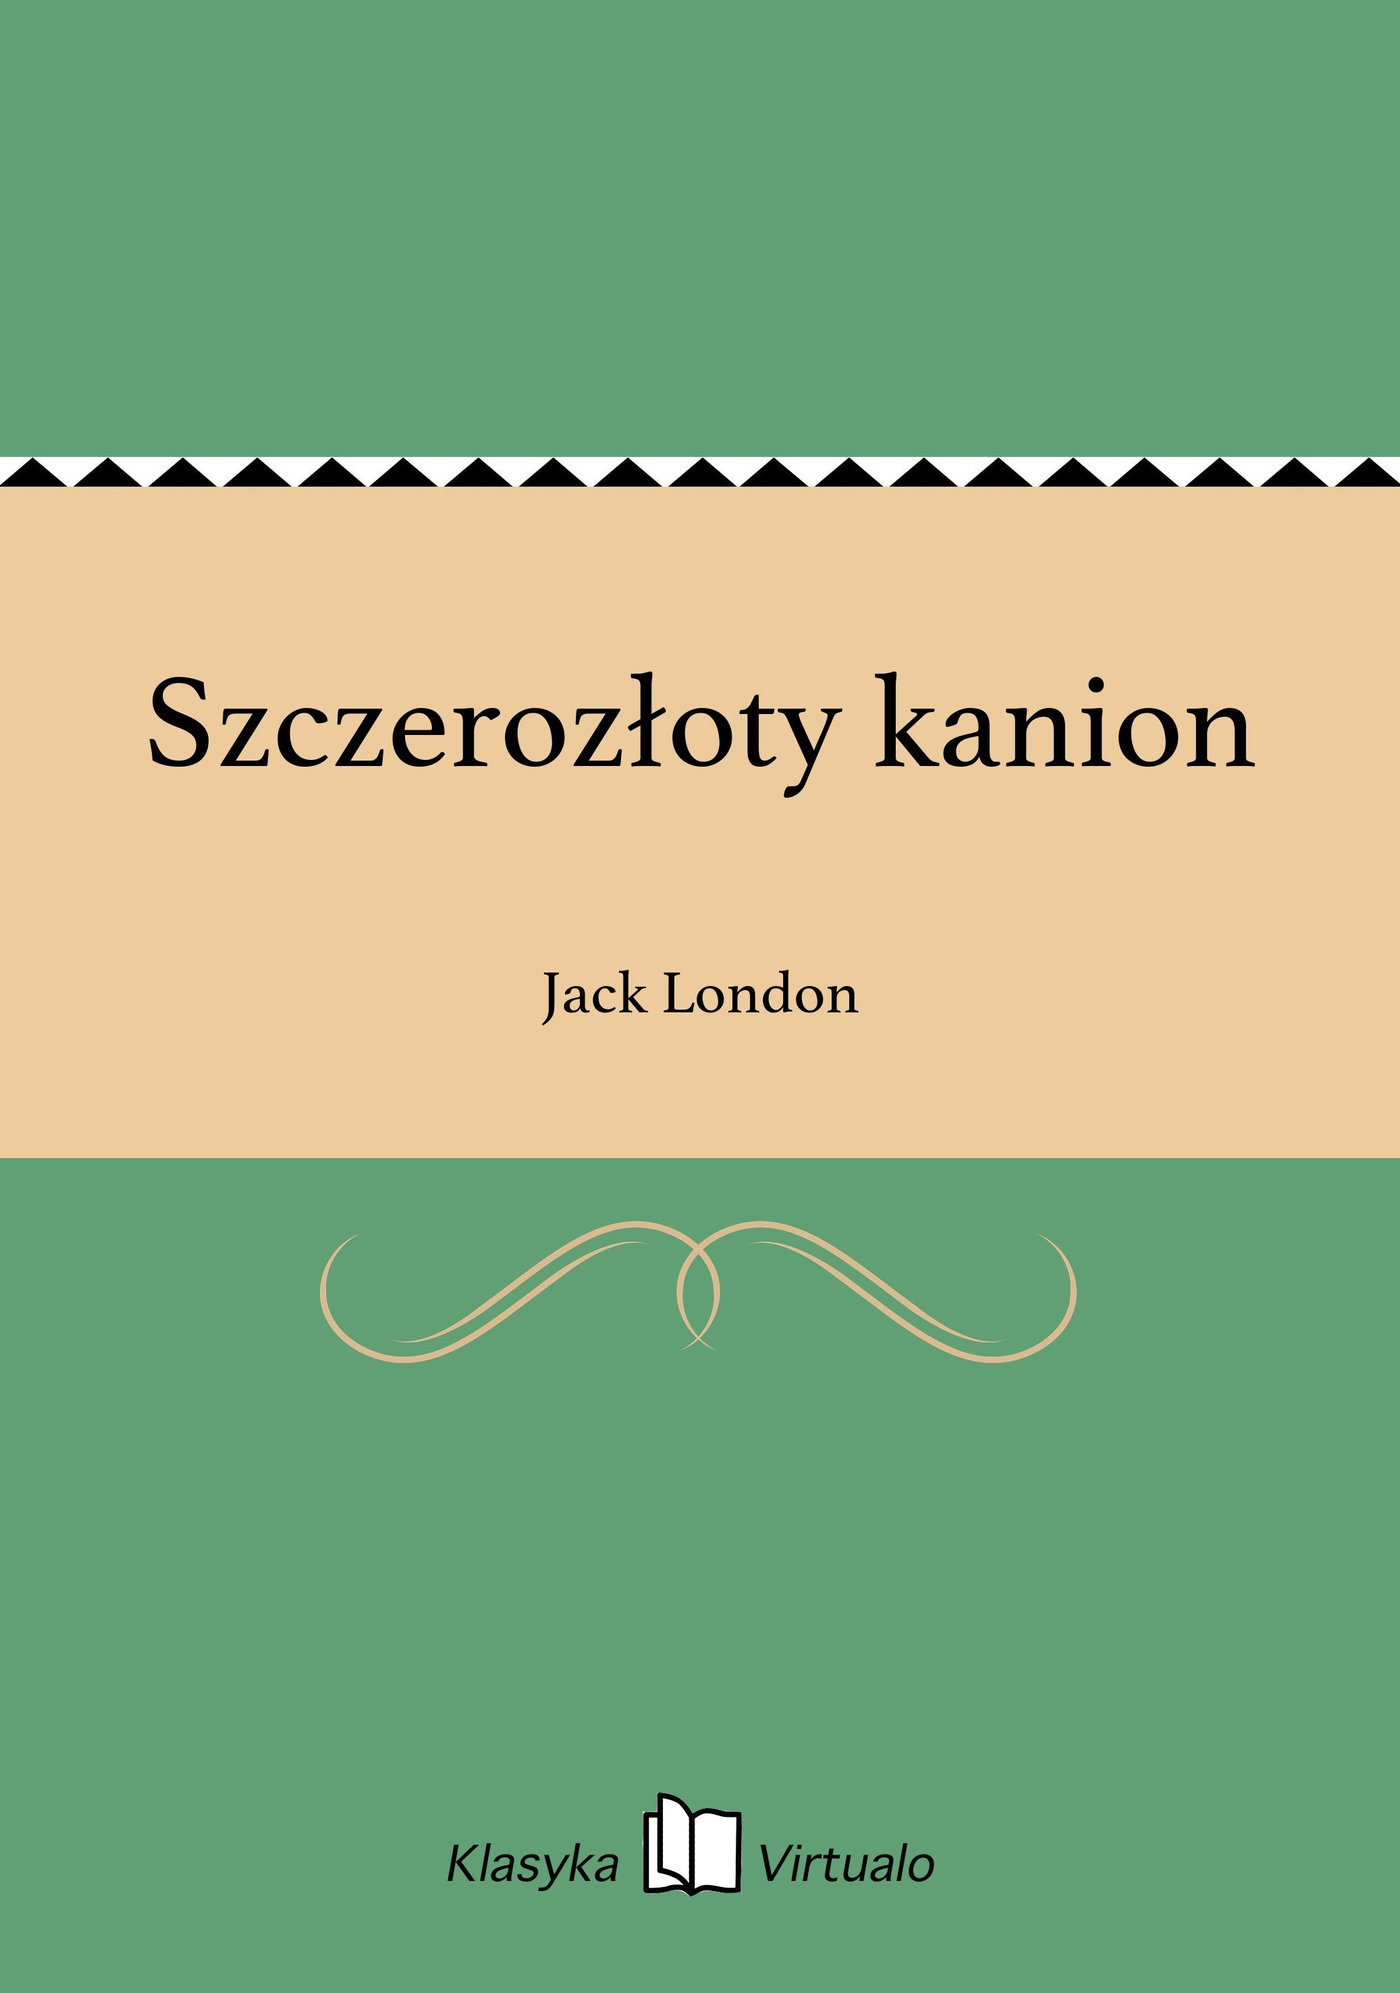 Szczerozłoty kanion - Ebook (Książka EPUB) do pobrania w formacie EPUB